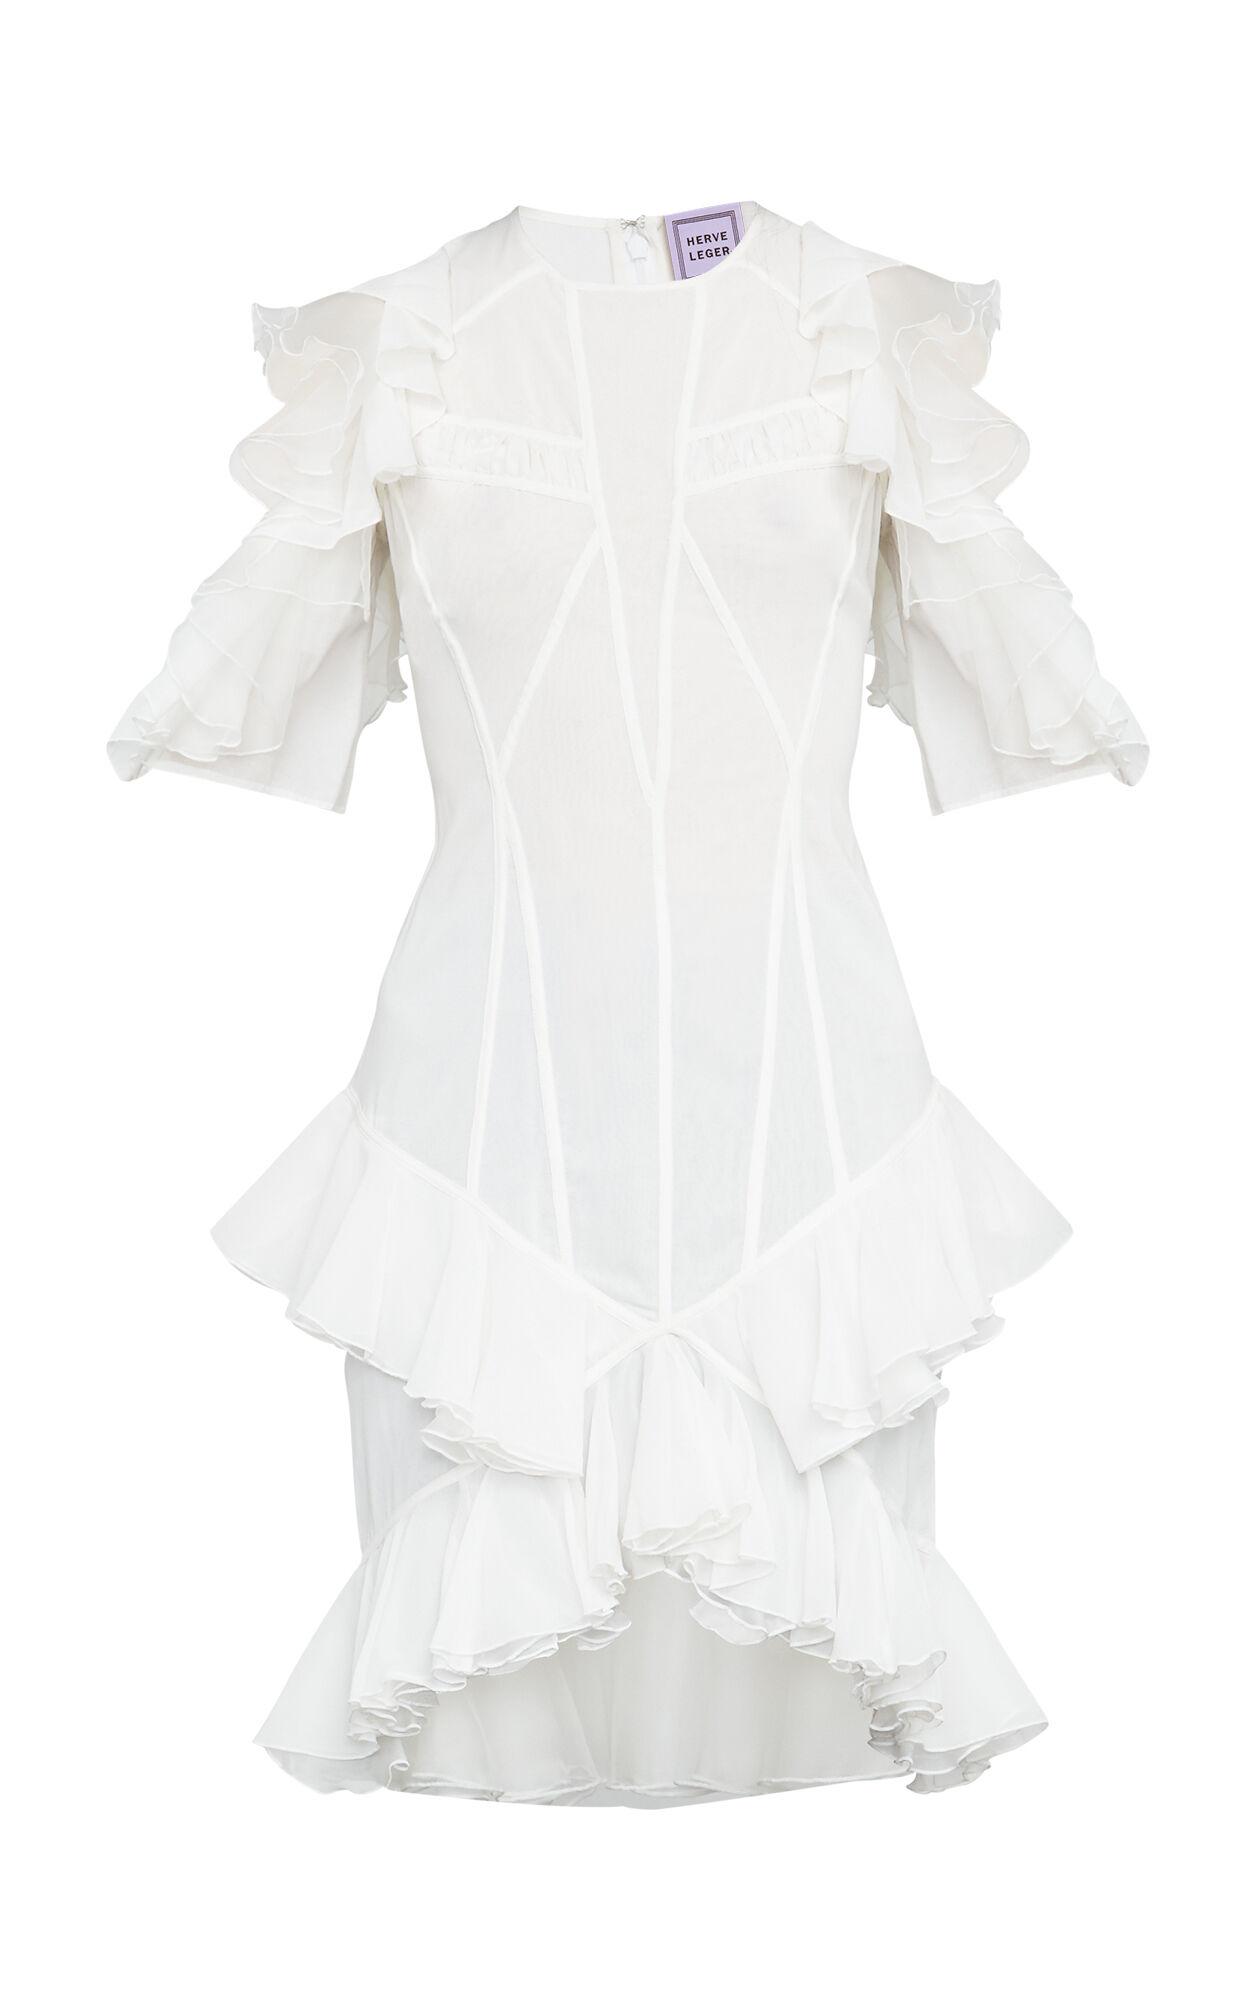 Aleksandra Ruffled Sheer Chiffon Dress